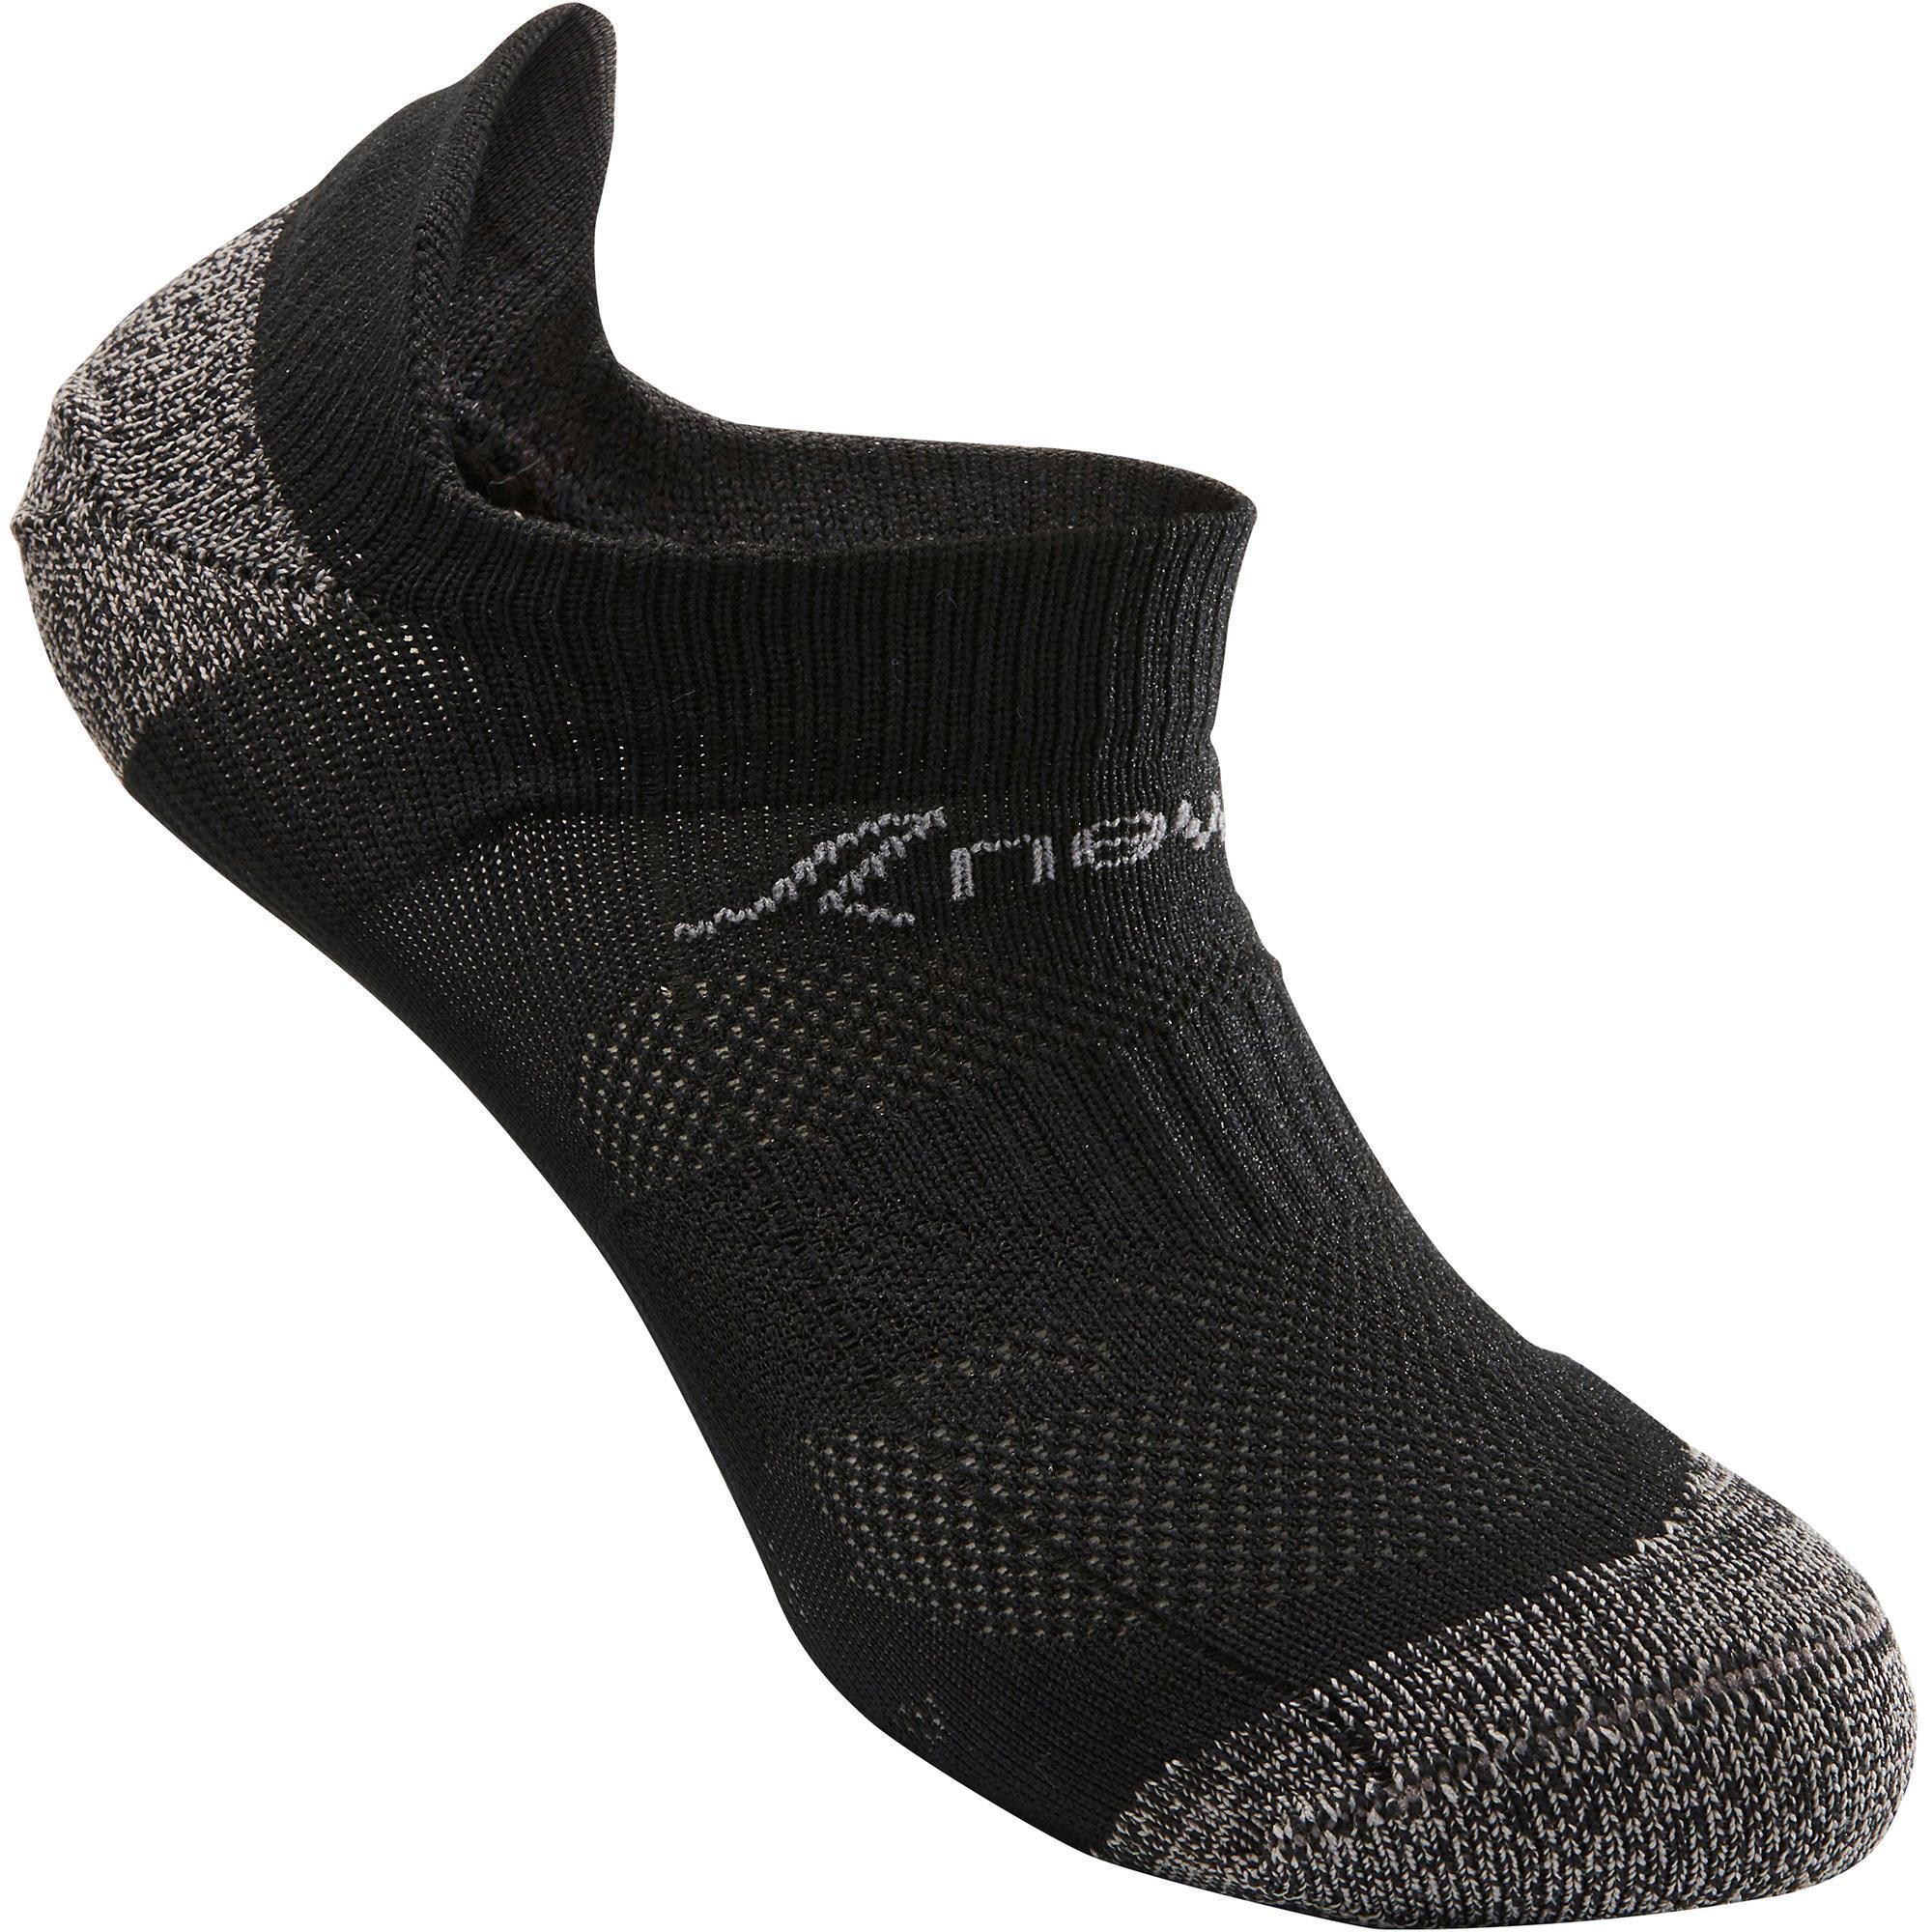 Newfeel Kindersokken voor sportief wandelen WS 500 Fresh zwart